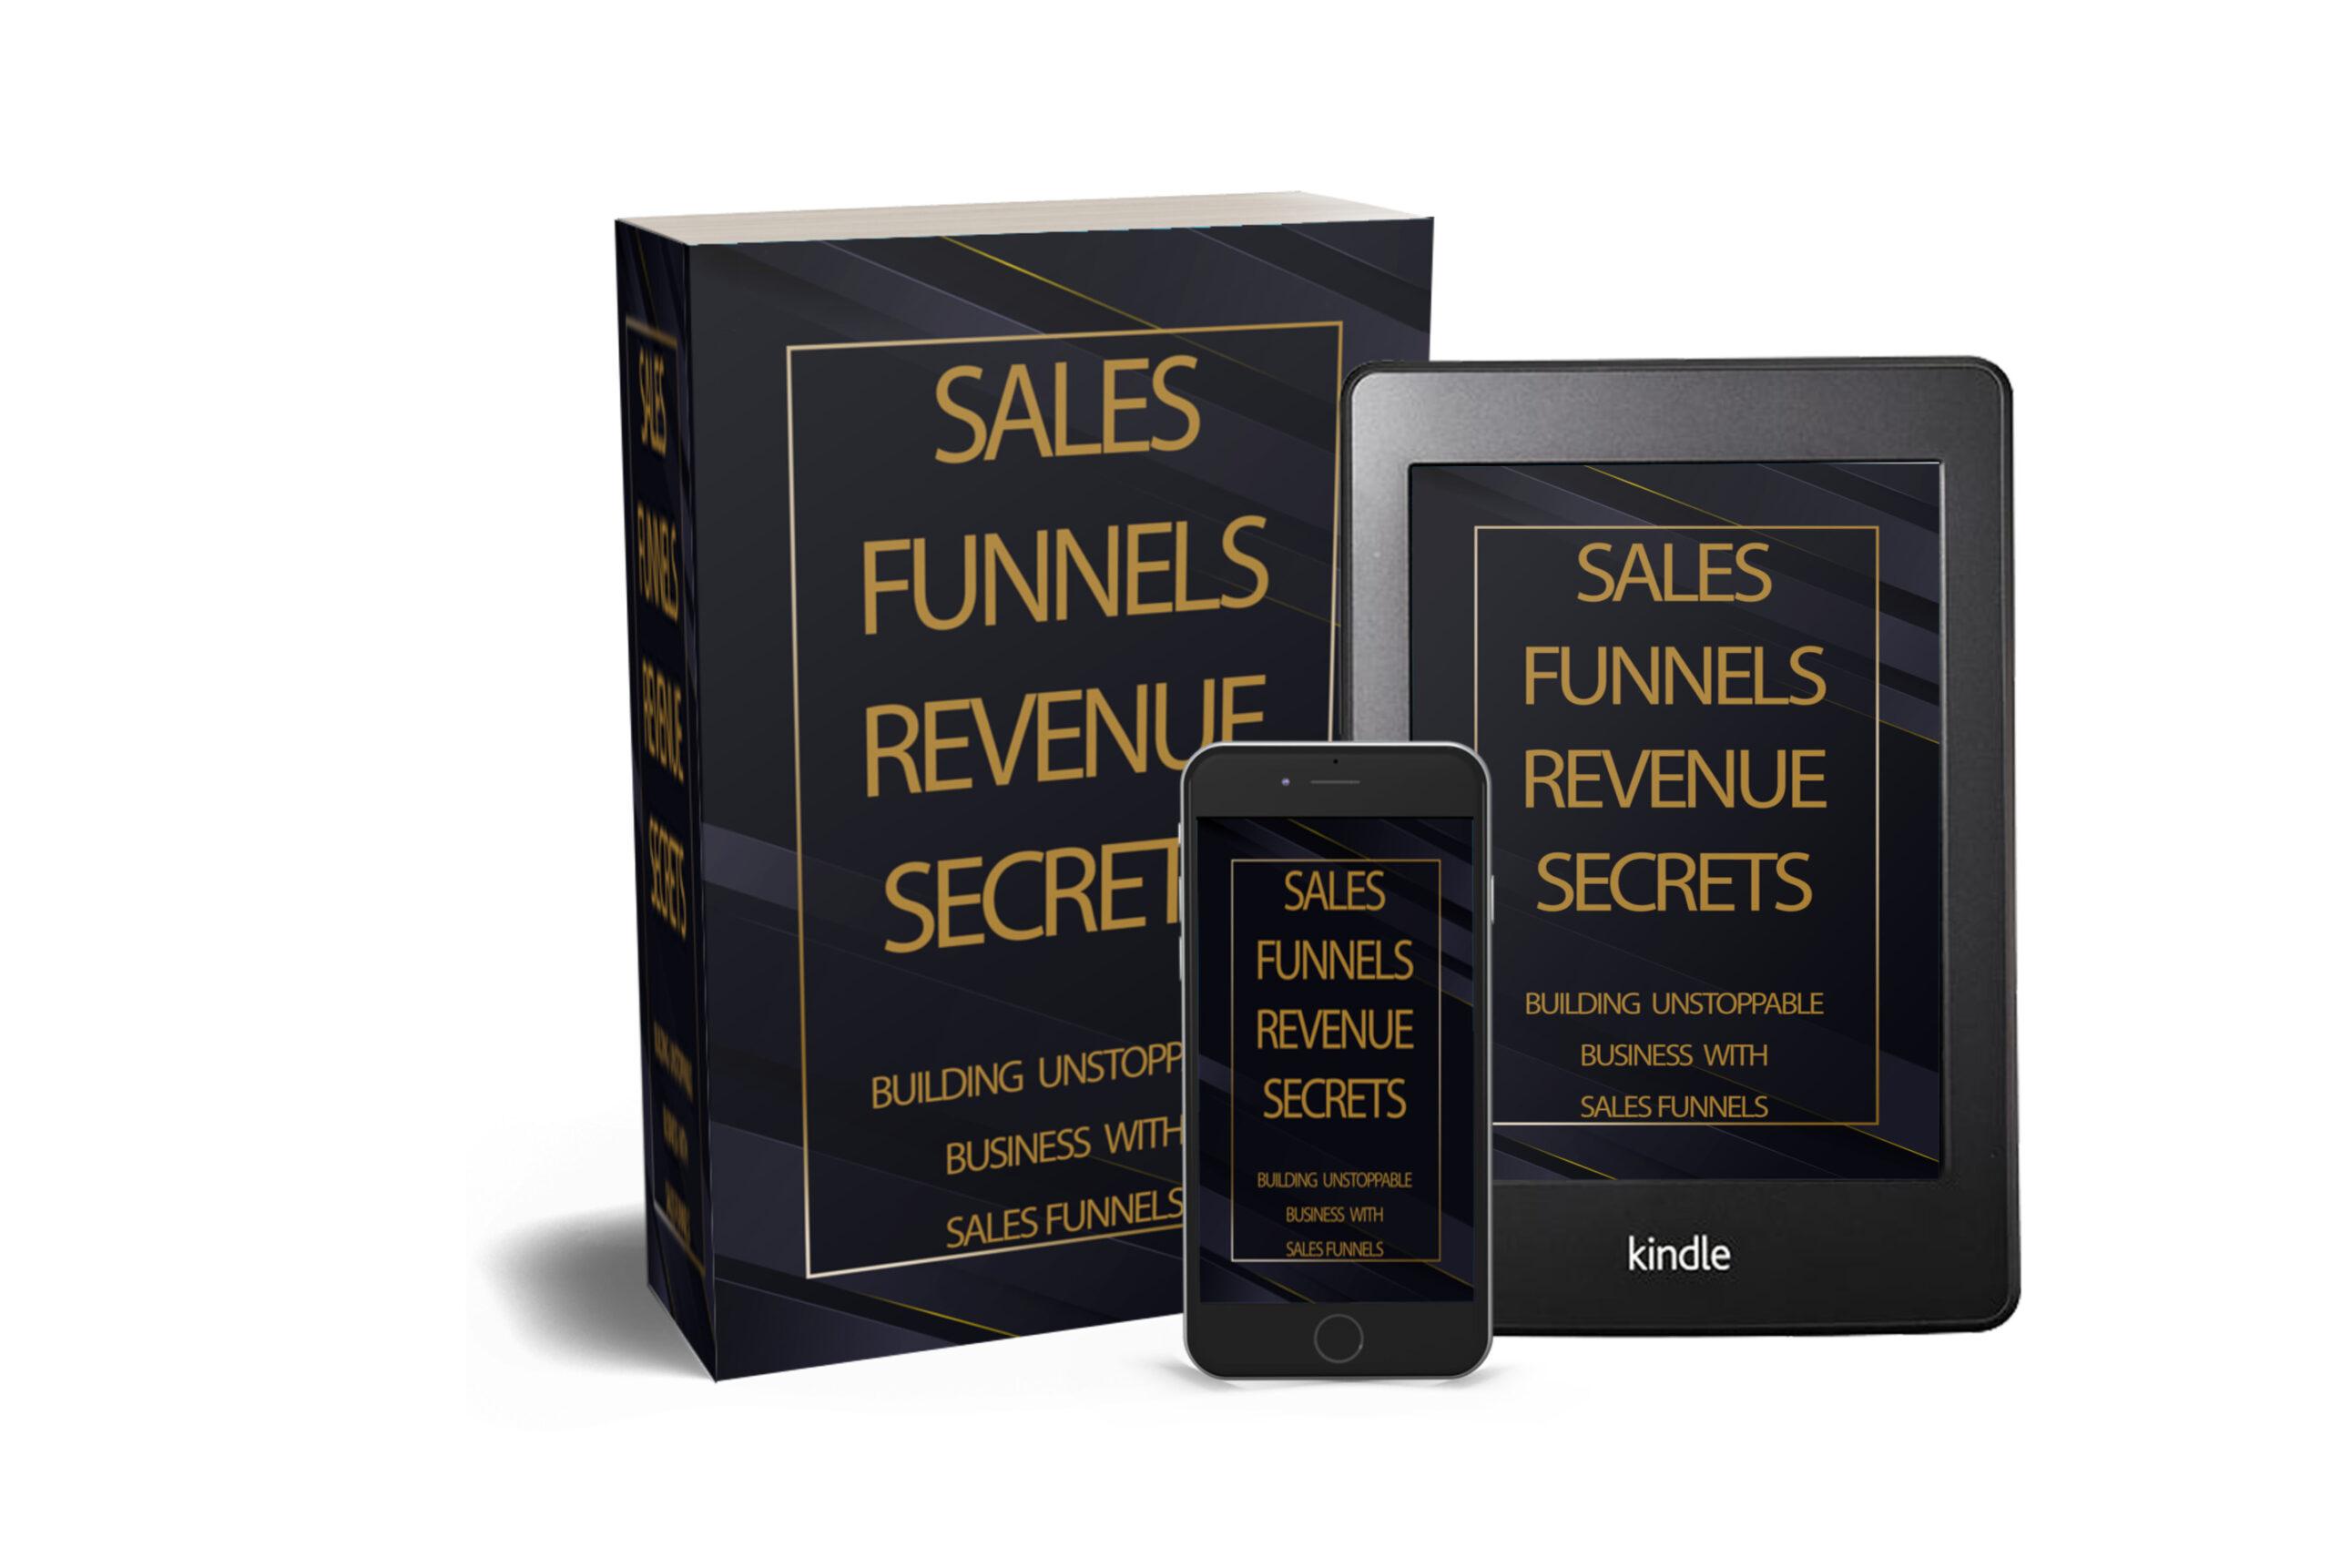 sales funnel revenue secrets 3d